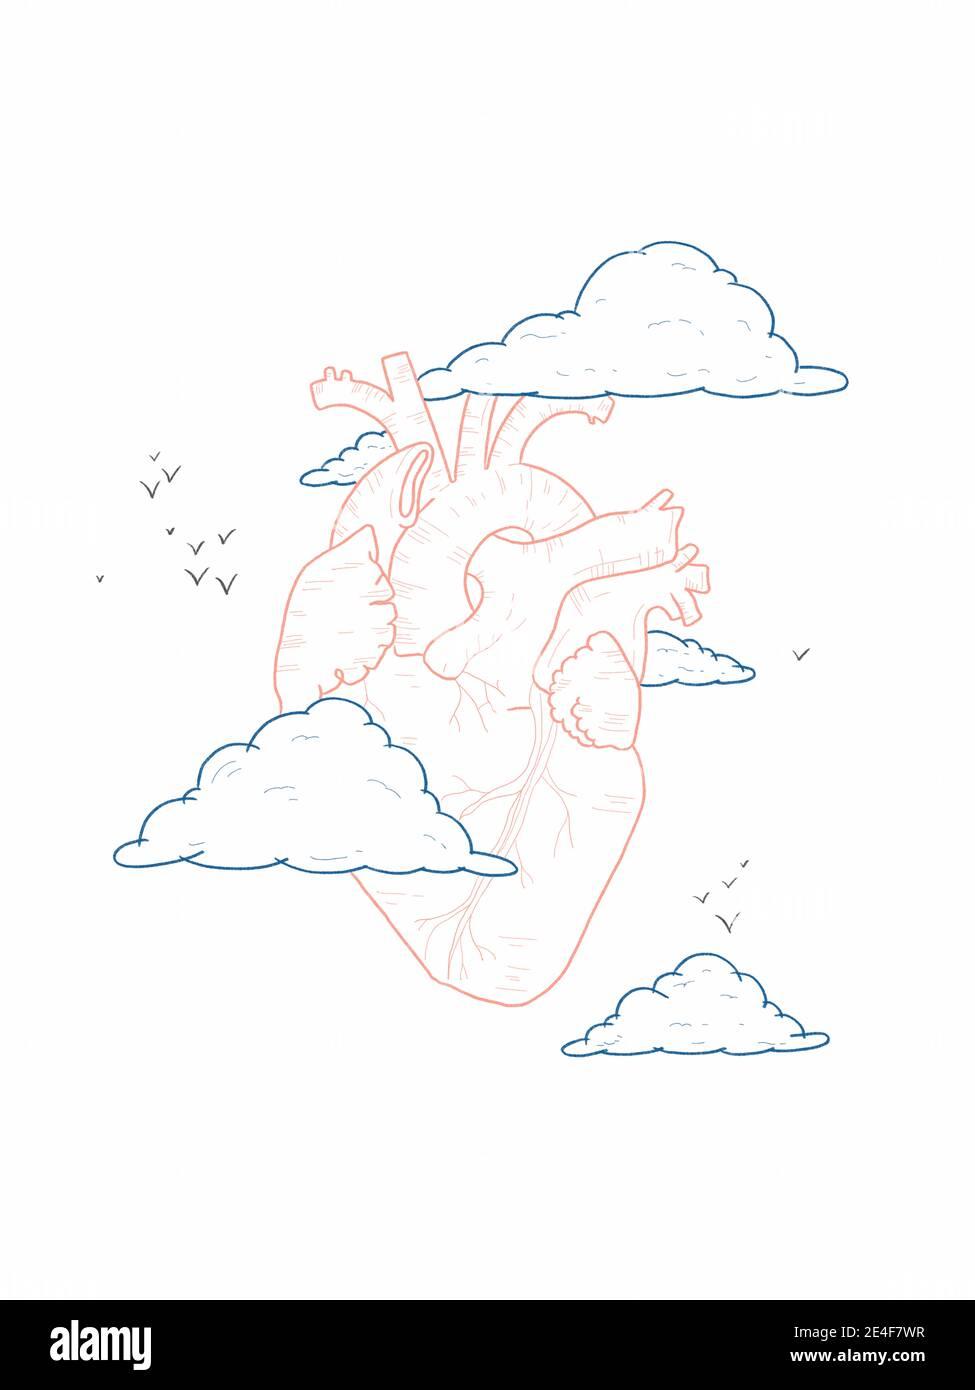 Dibujo a mano Ilustración de un corazón entre nubes - nuestro el corazón es nuestro sol Foto de stock